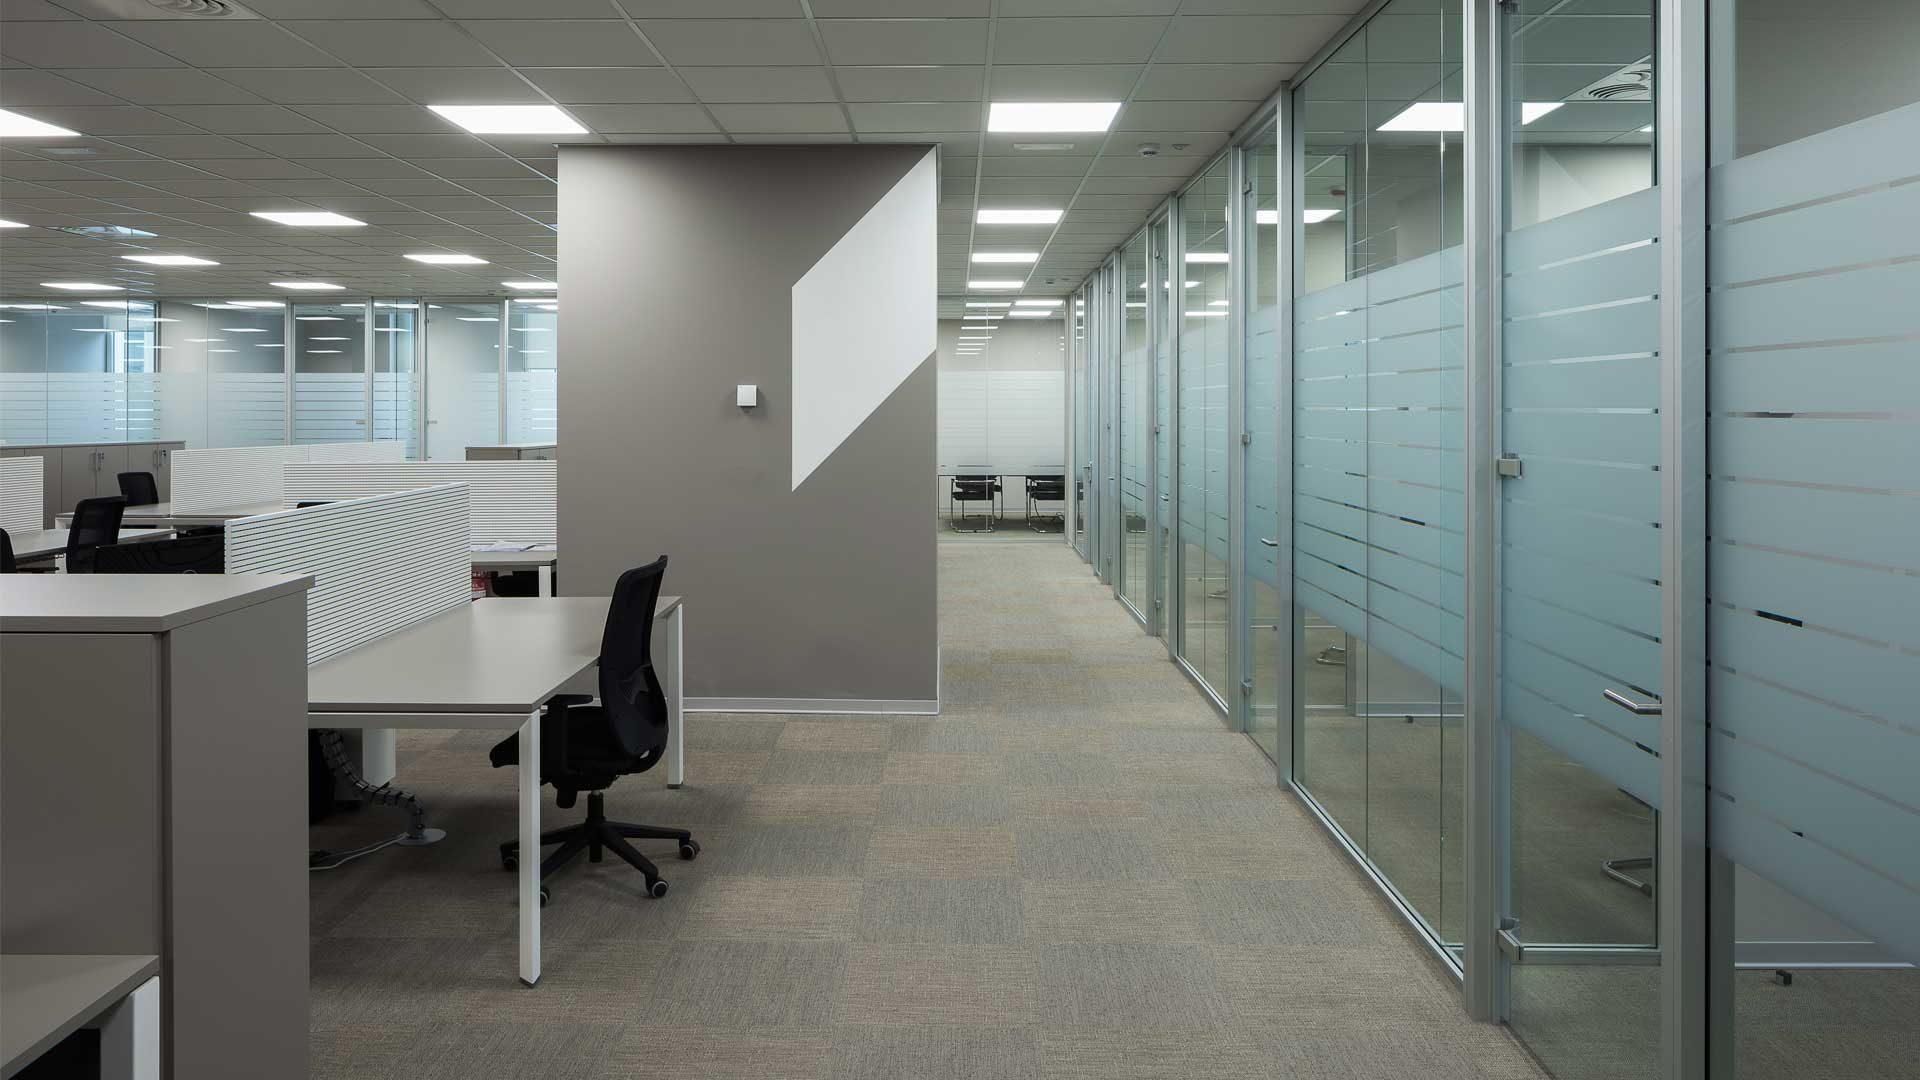 Piante Ufficio Open Space : News by level office arredamento & design mobili e pareti per uffici